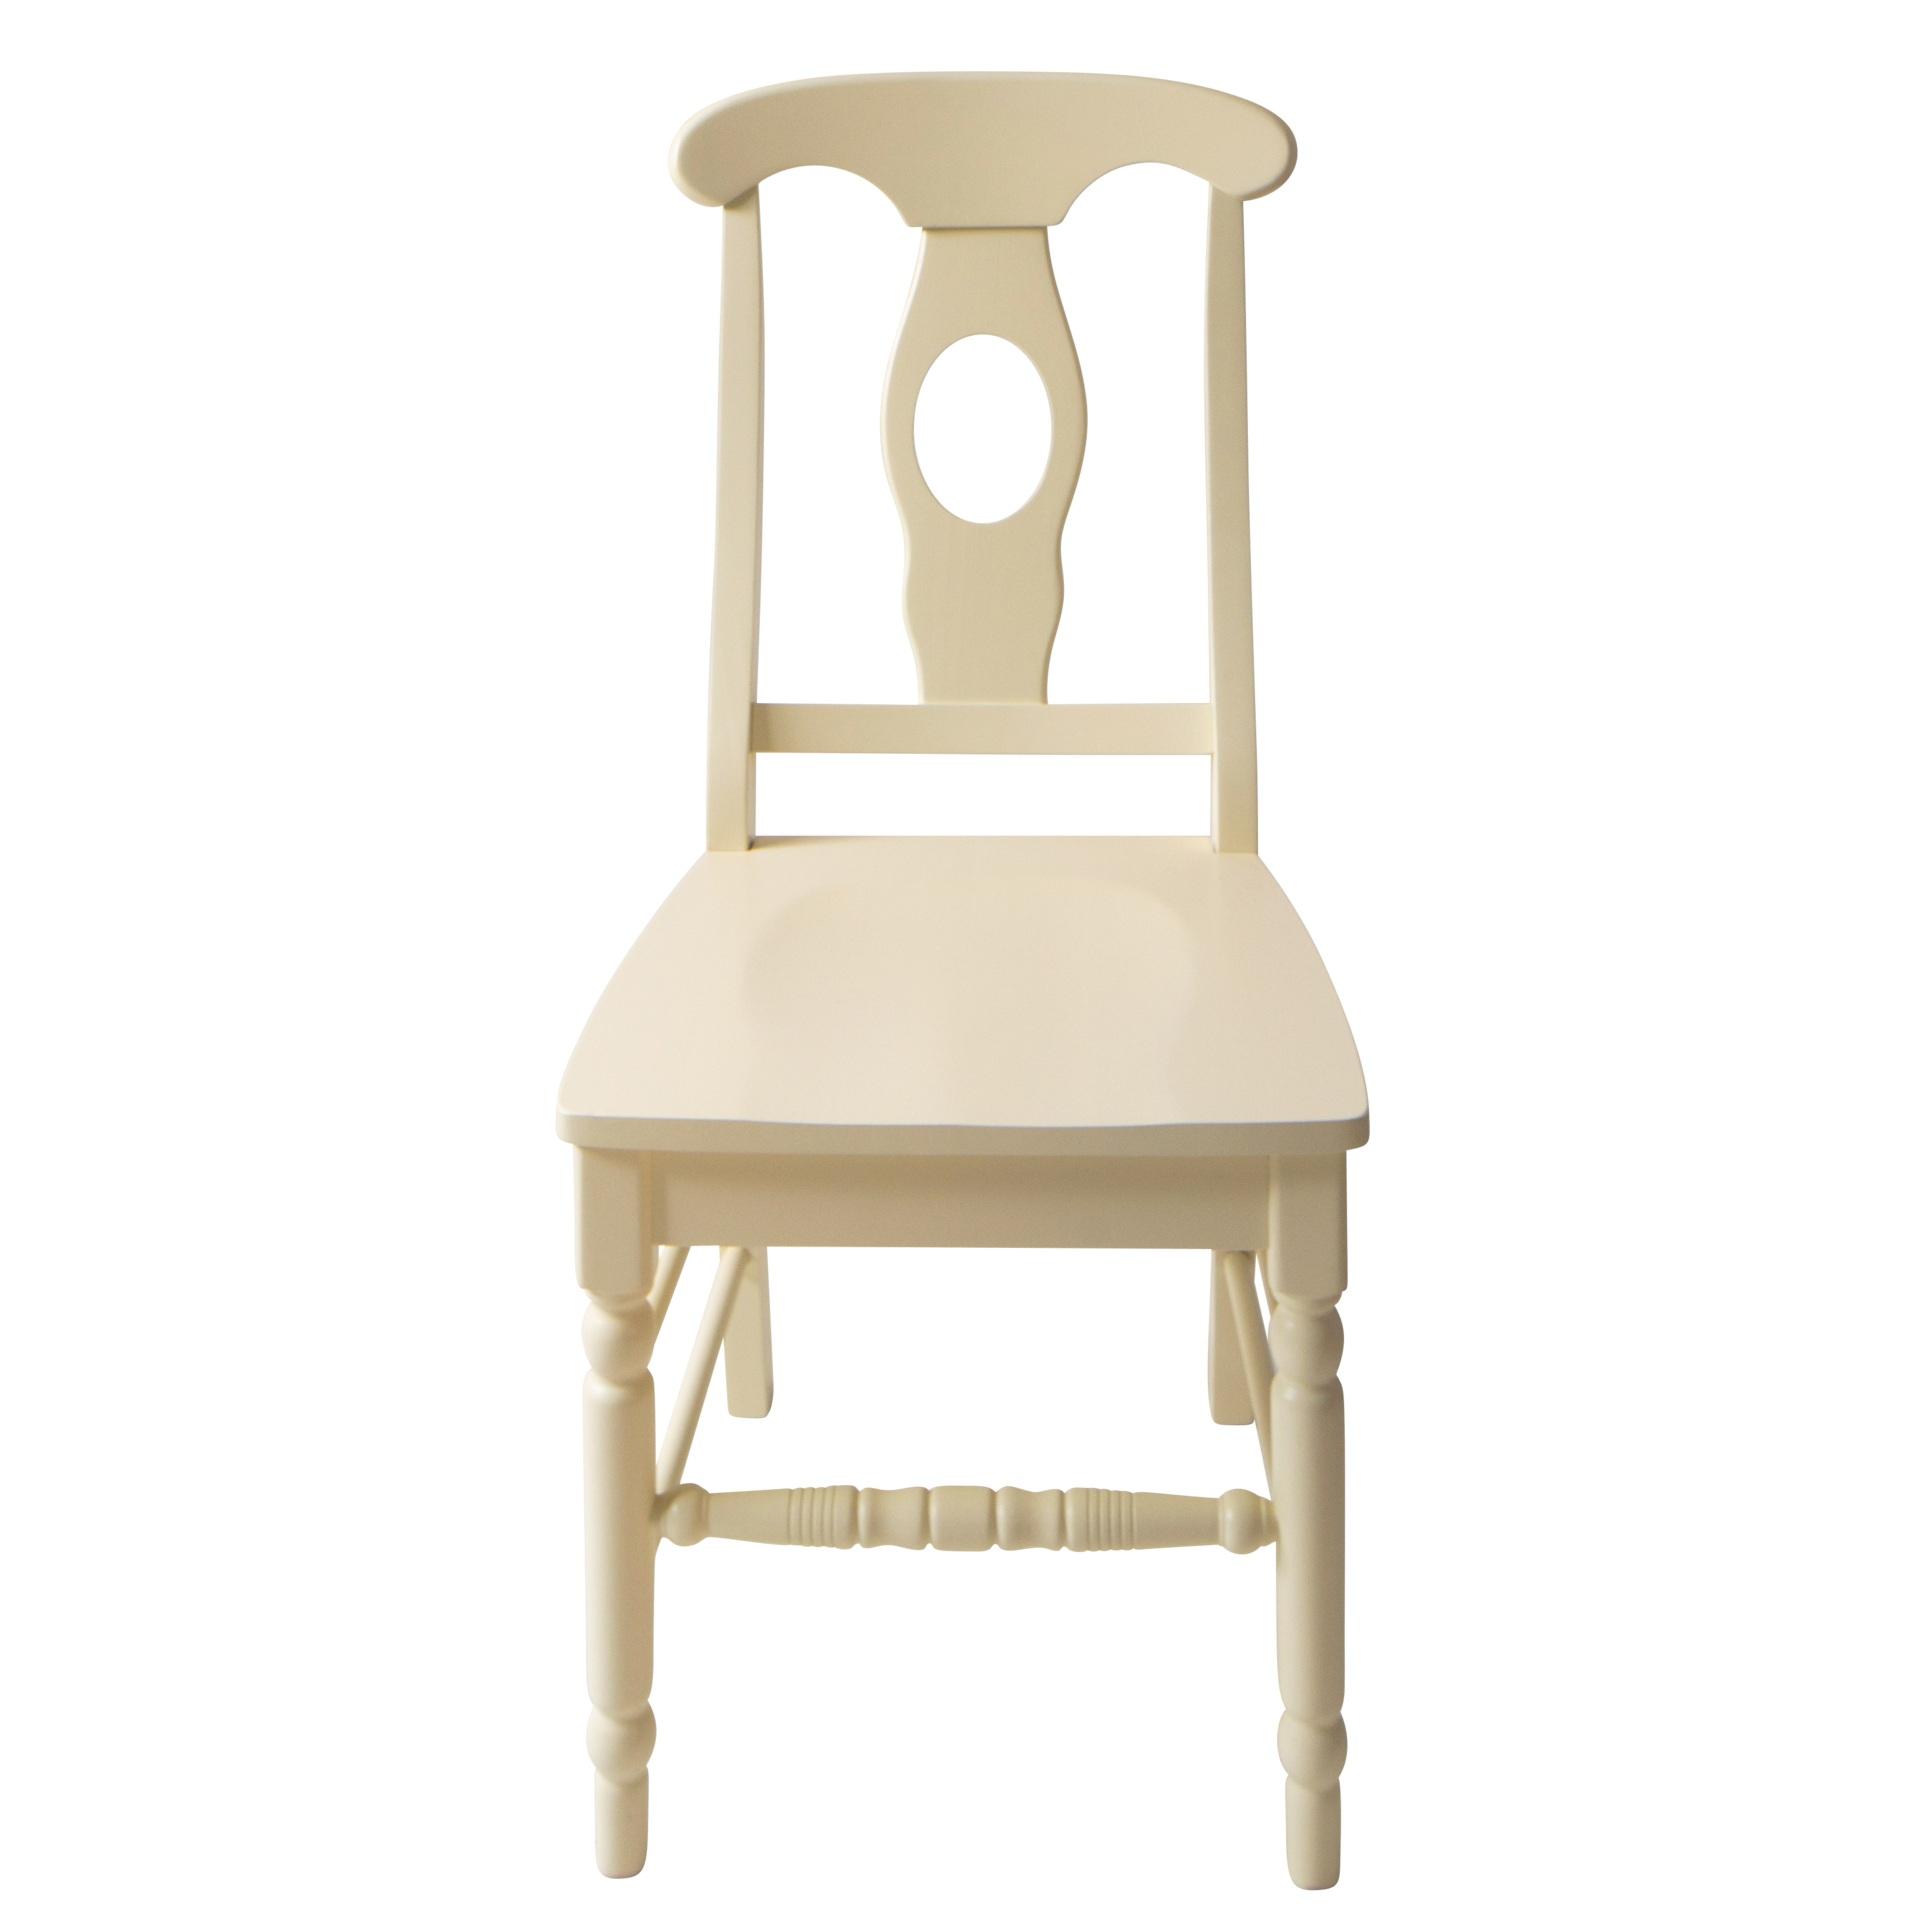 MWW_Chair_C-1200AB_Sophie_Milkweed_Web.jpg